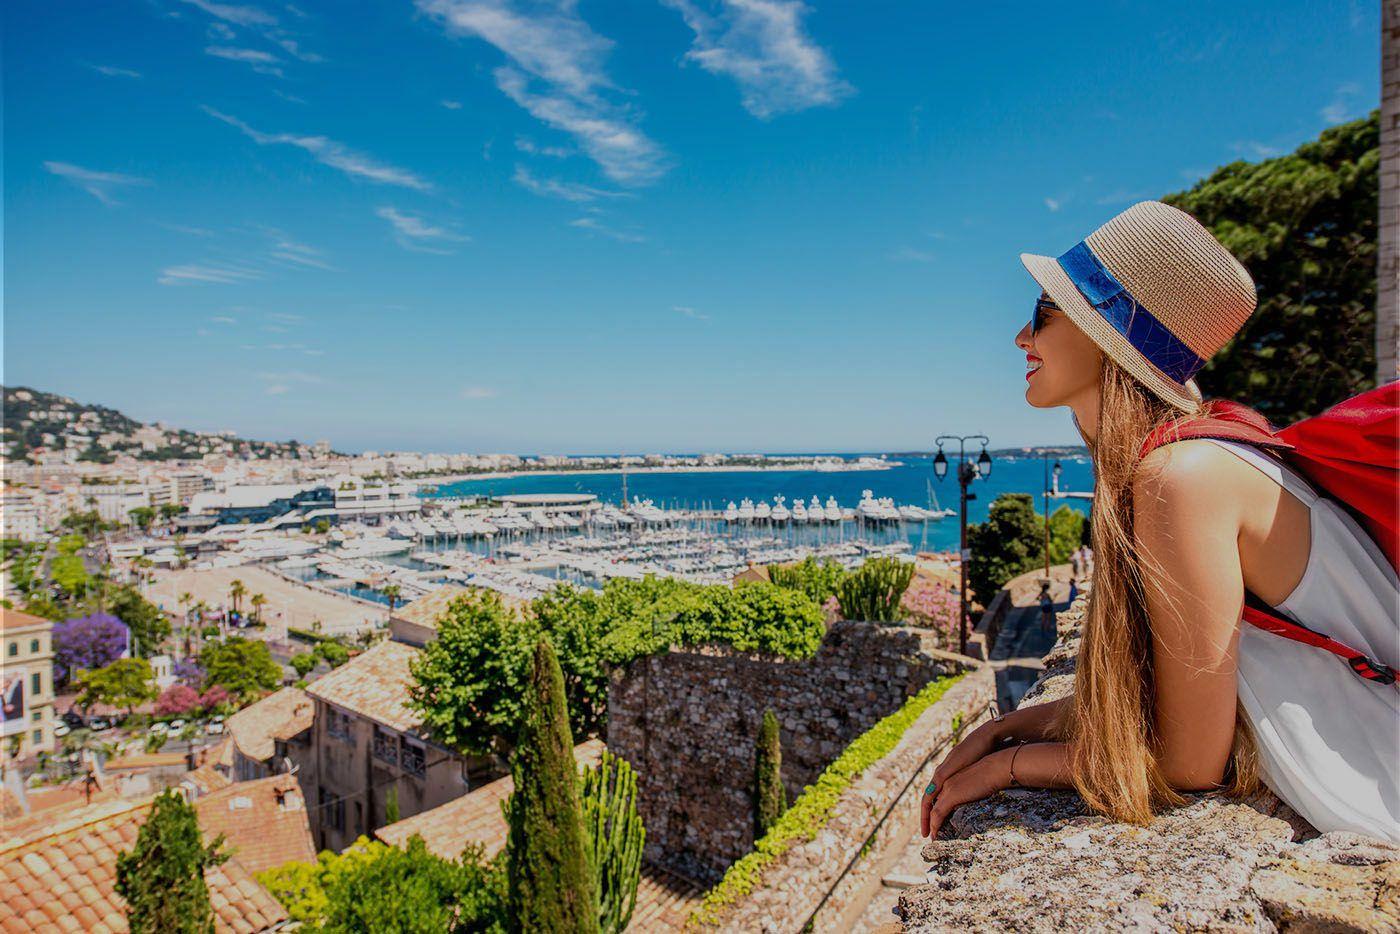 Vacances d'été 2021 : où partir en France cet été ?